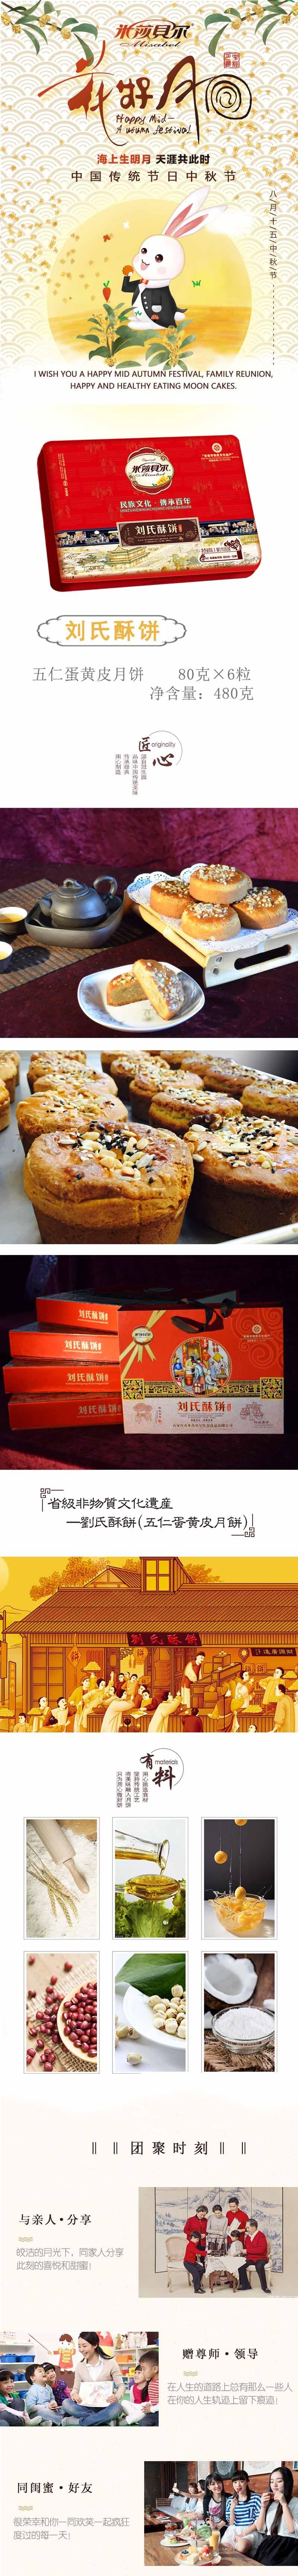 刘氏酥饼.jpg